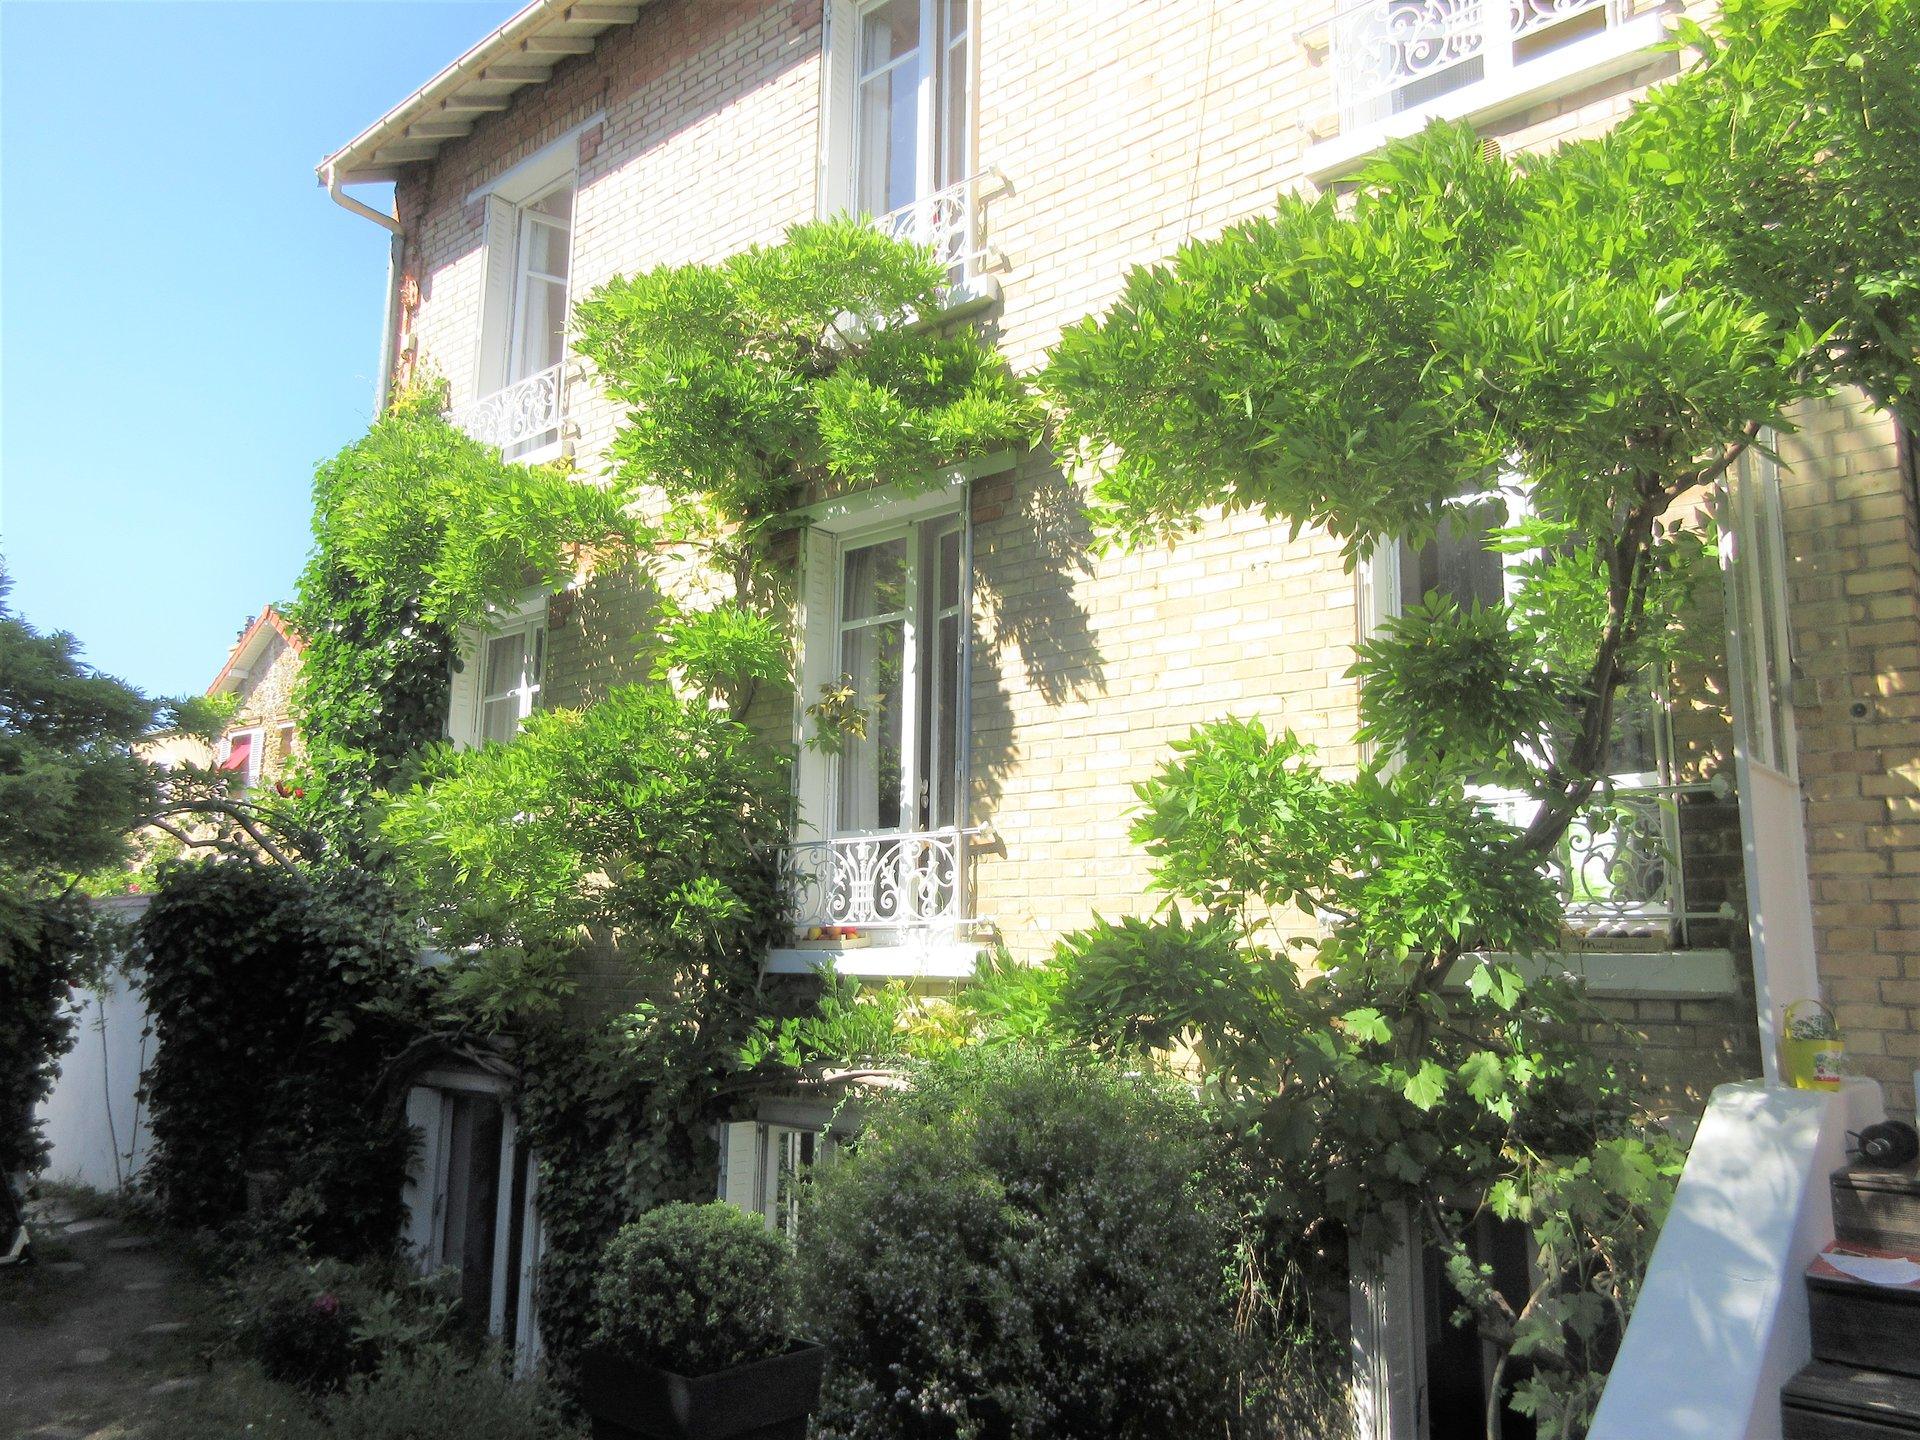 Chatou bas, 13  min à pied du RER pour cette maison ancienne pleine de charme.